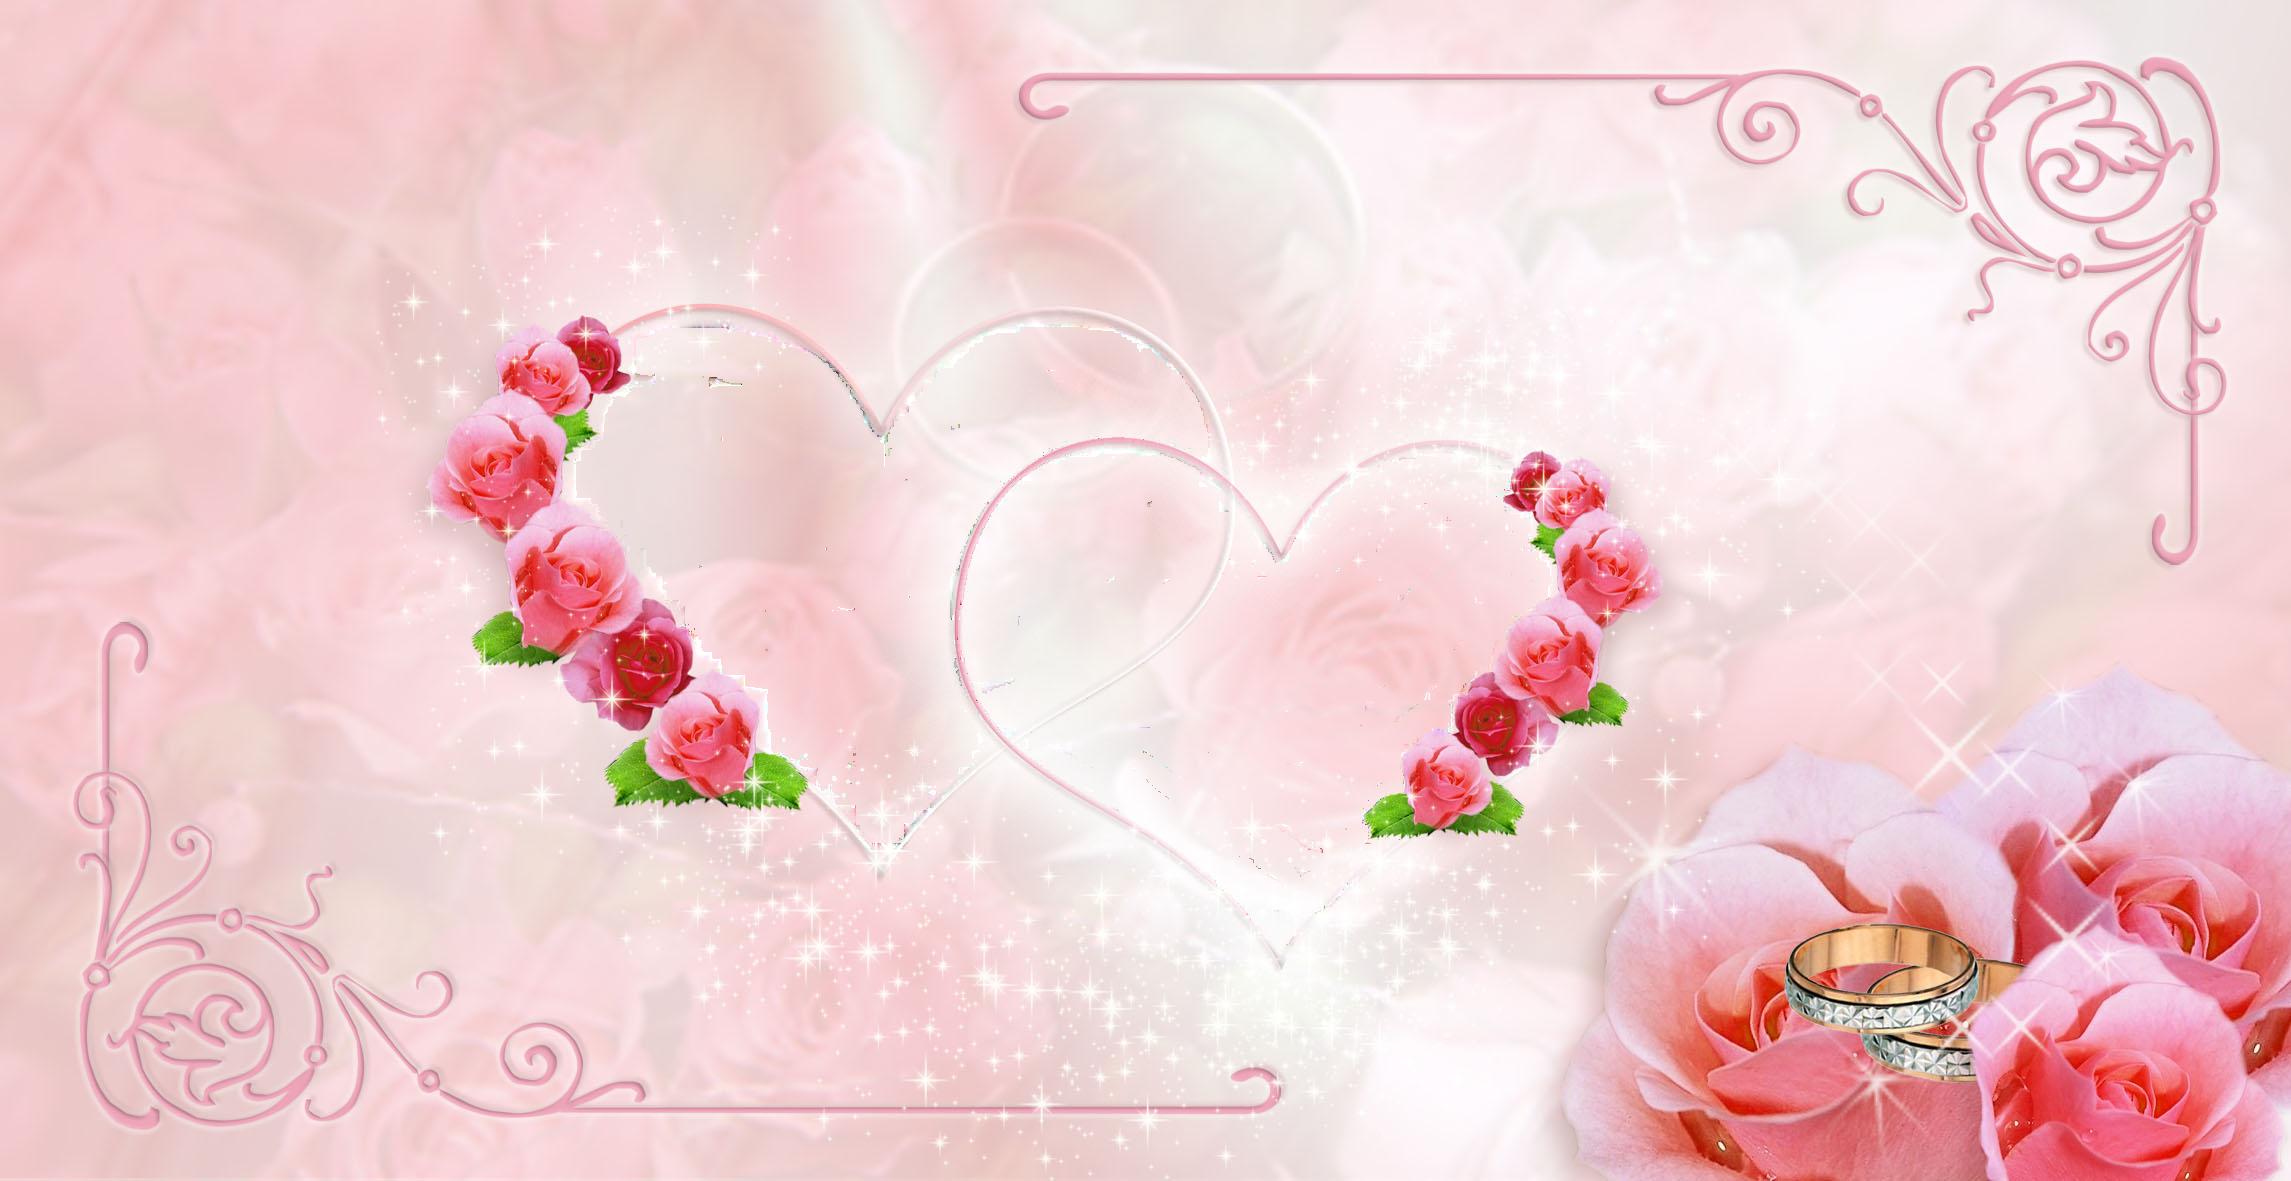 Рамки поздравления с бракосочетанием